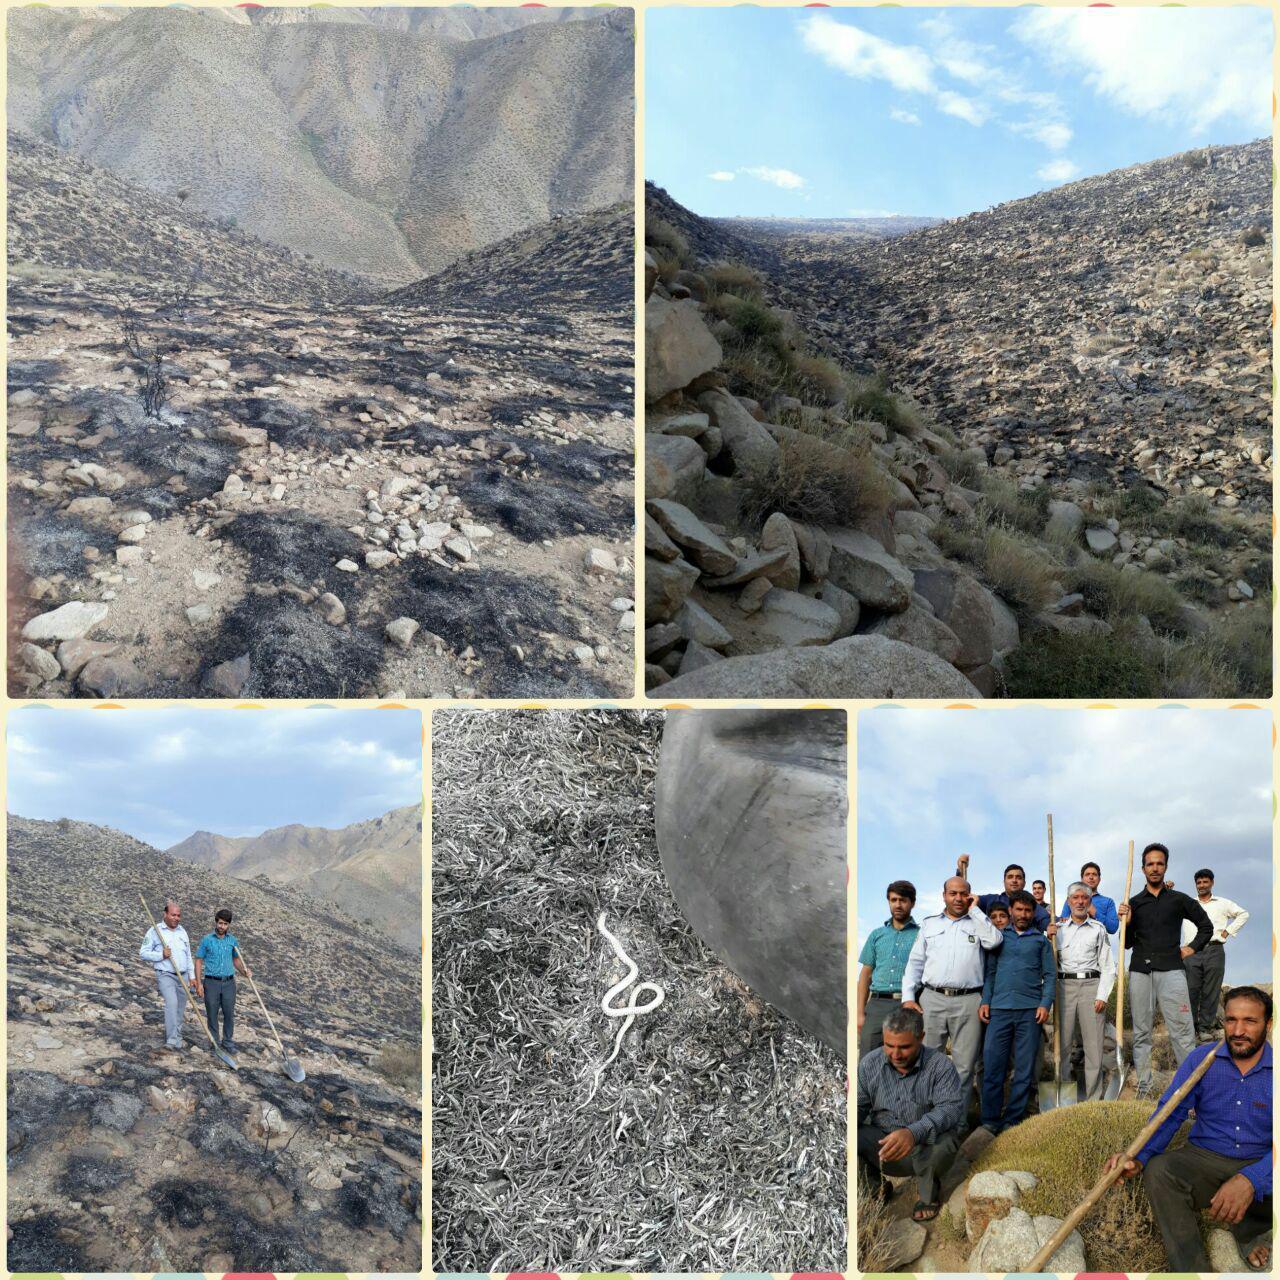 وقوع آتش سوزی در اراضی جنگل  اشکان رابر/ تصاویر